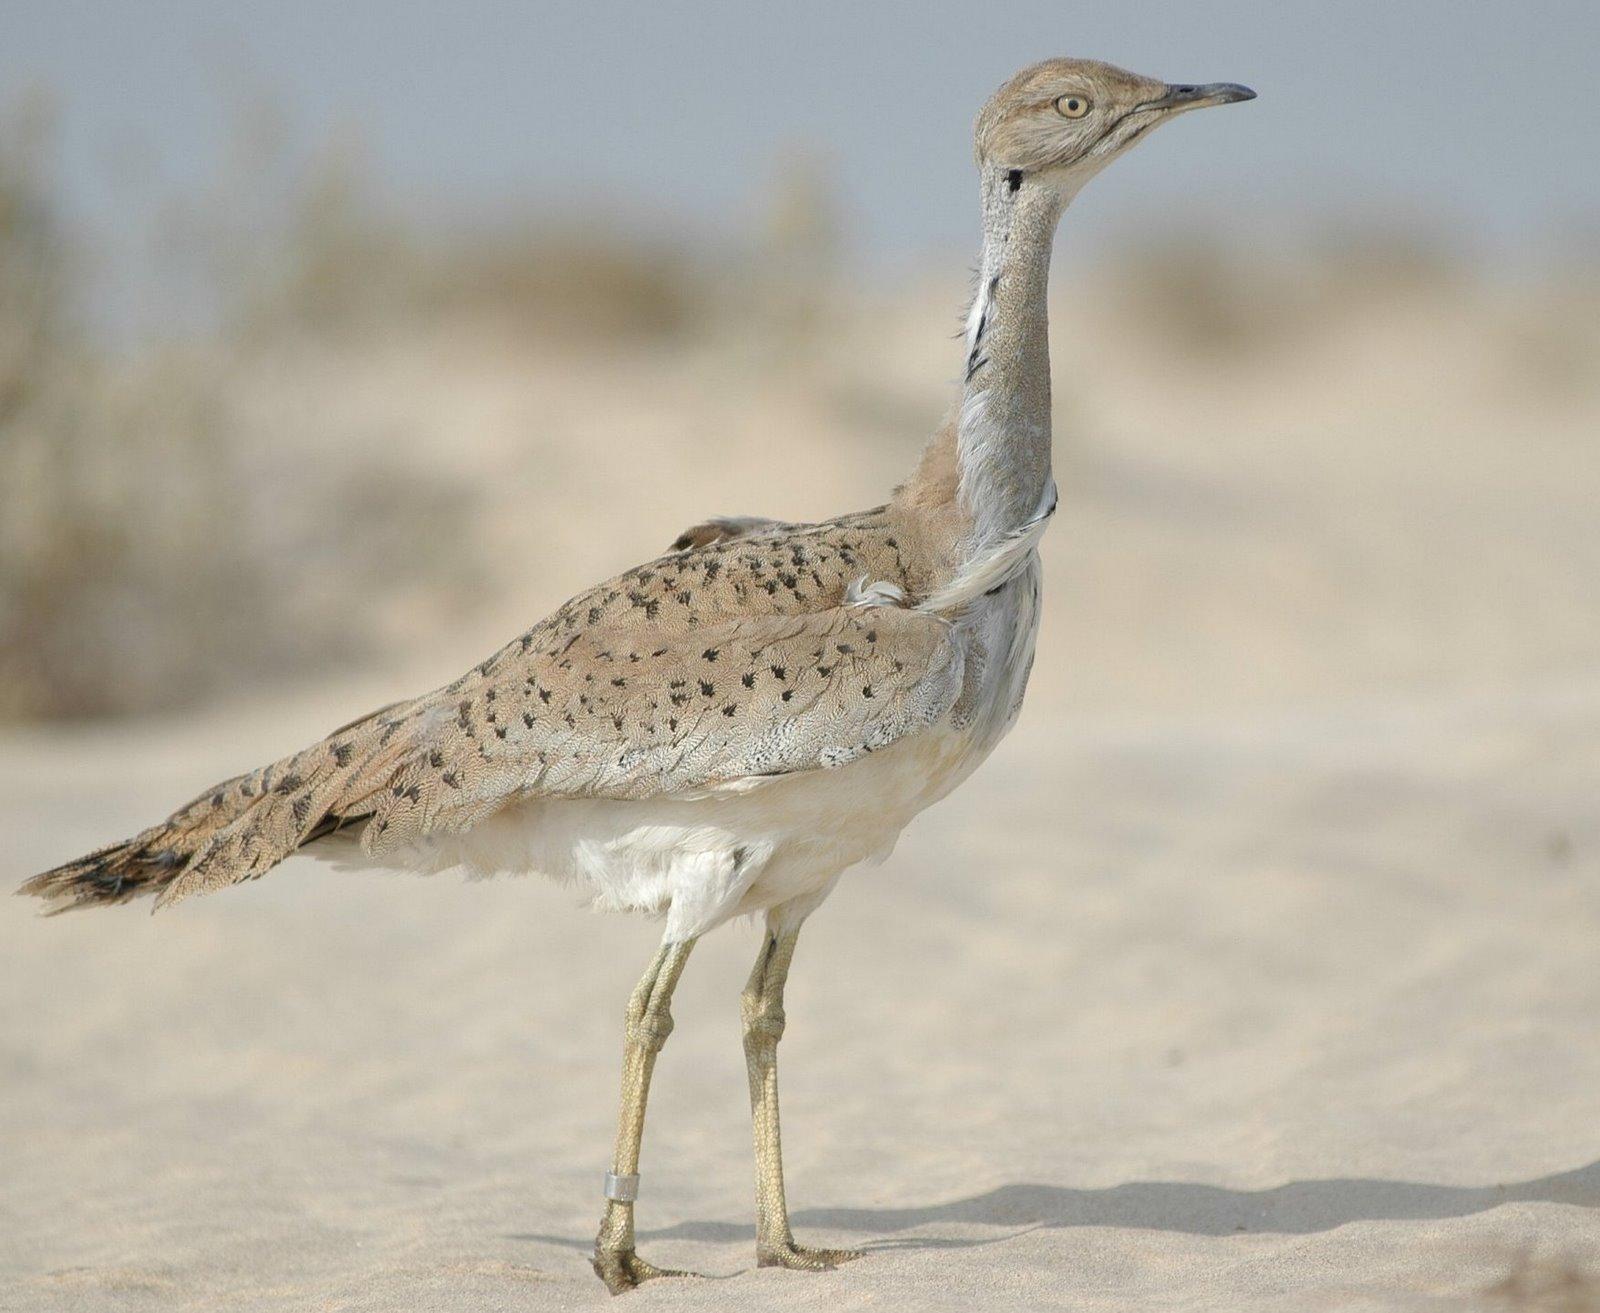 طائر الحبارى ضمن قائمة الحيوانات المهددة بالنقراض  %D8%A7%D9%84%D8%AD%D8%A8%D8%A7%D8%B1%D9%89